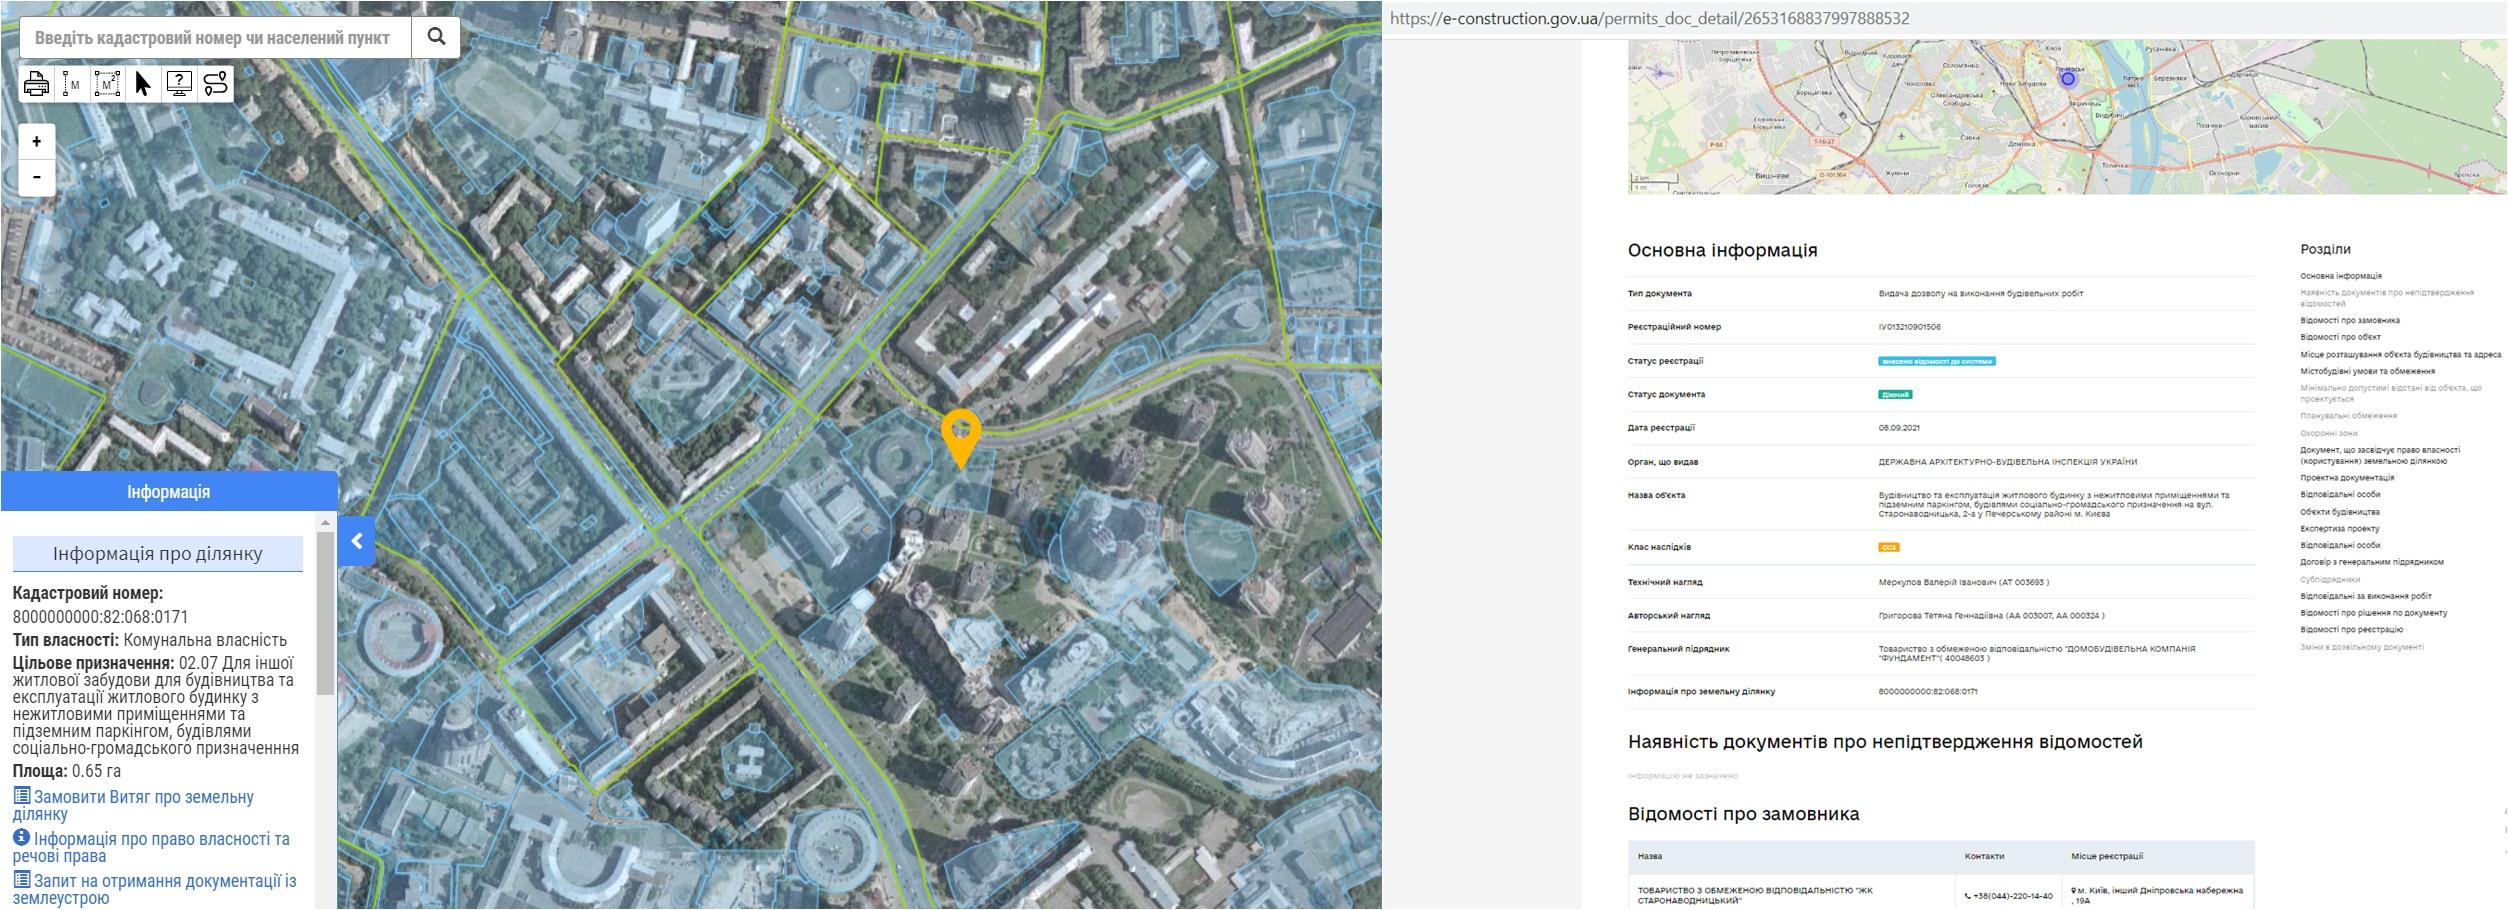 Проект ЖК по ул. Старонаводницкая, 2-А данные кадастра и Разрешение в реестре